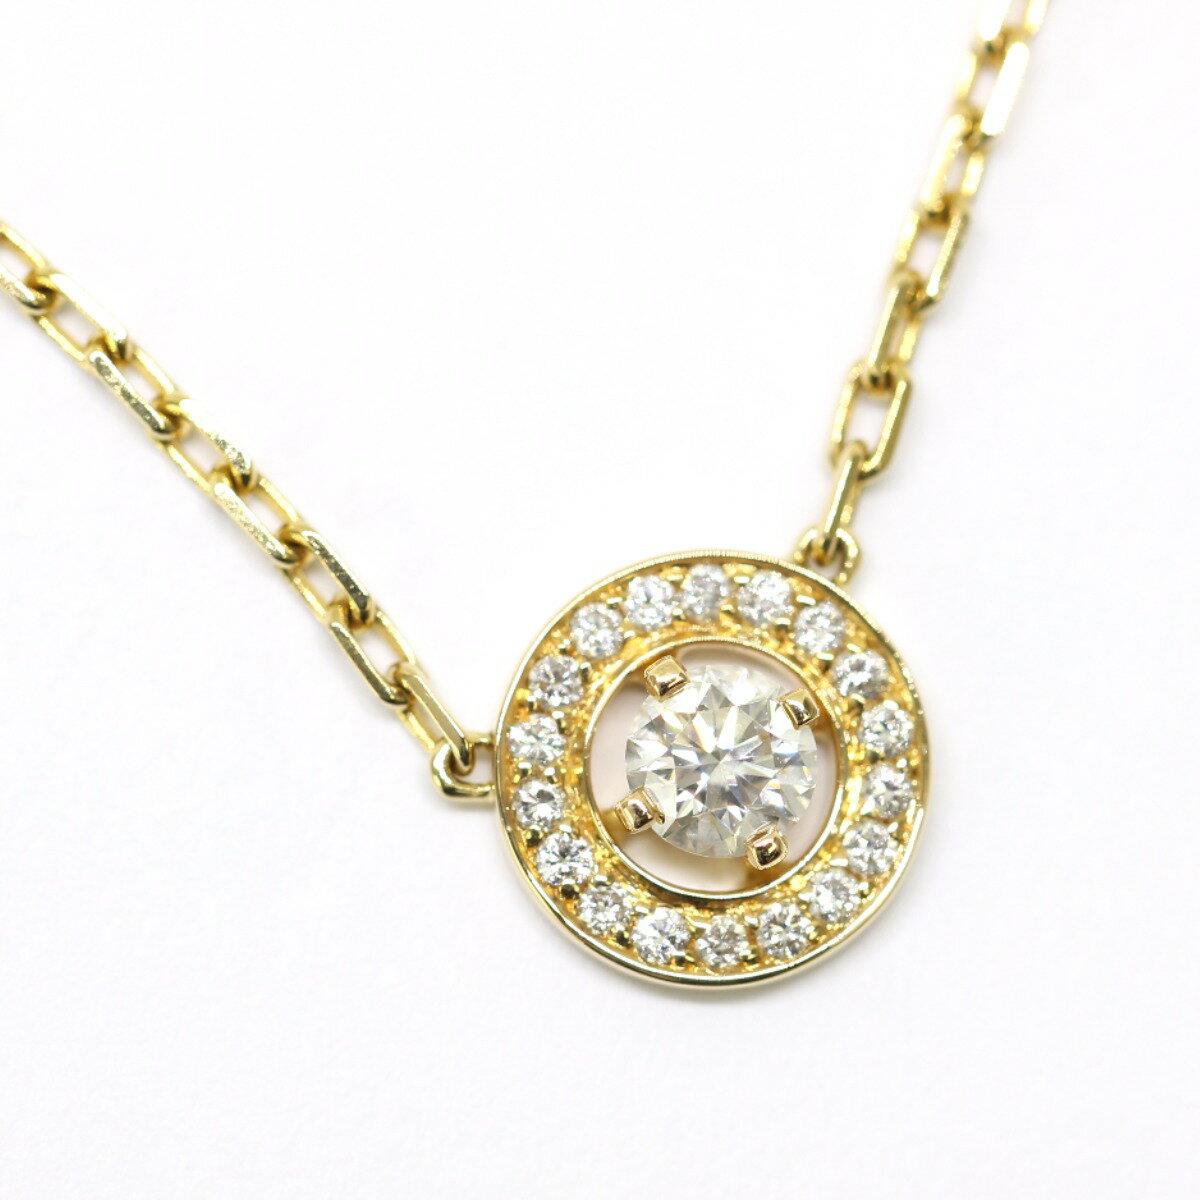 緊急値下げ! ブシュロン アバ 0.2ct ダイヤモンド ネックレス K18 イエローゴールド Boucheron 【中古】K70413018-13F